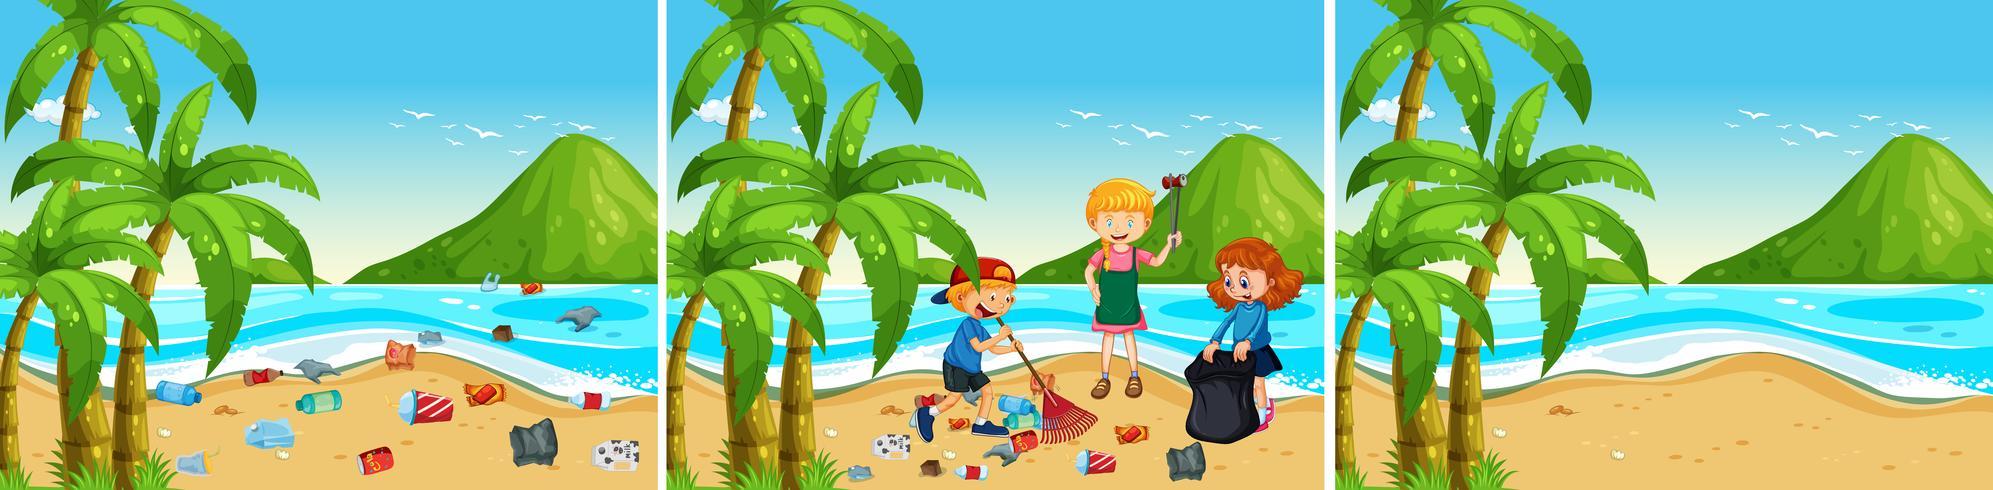 Un conjunto de playa siendo limpio. vector